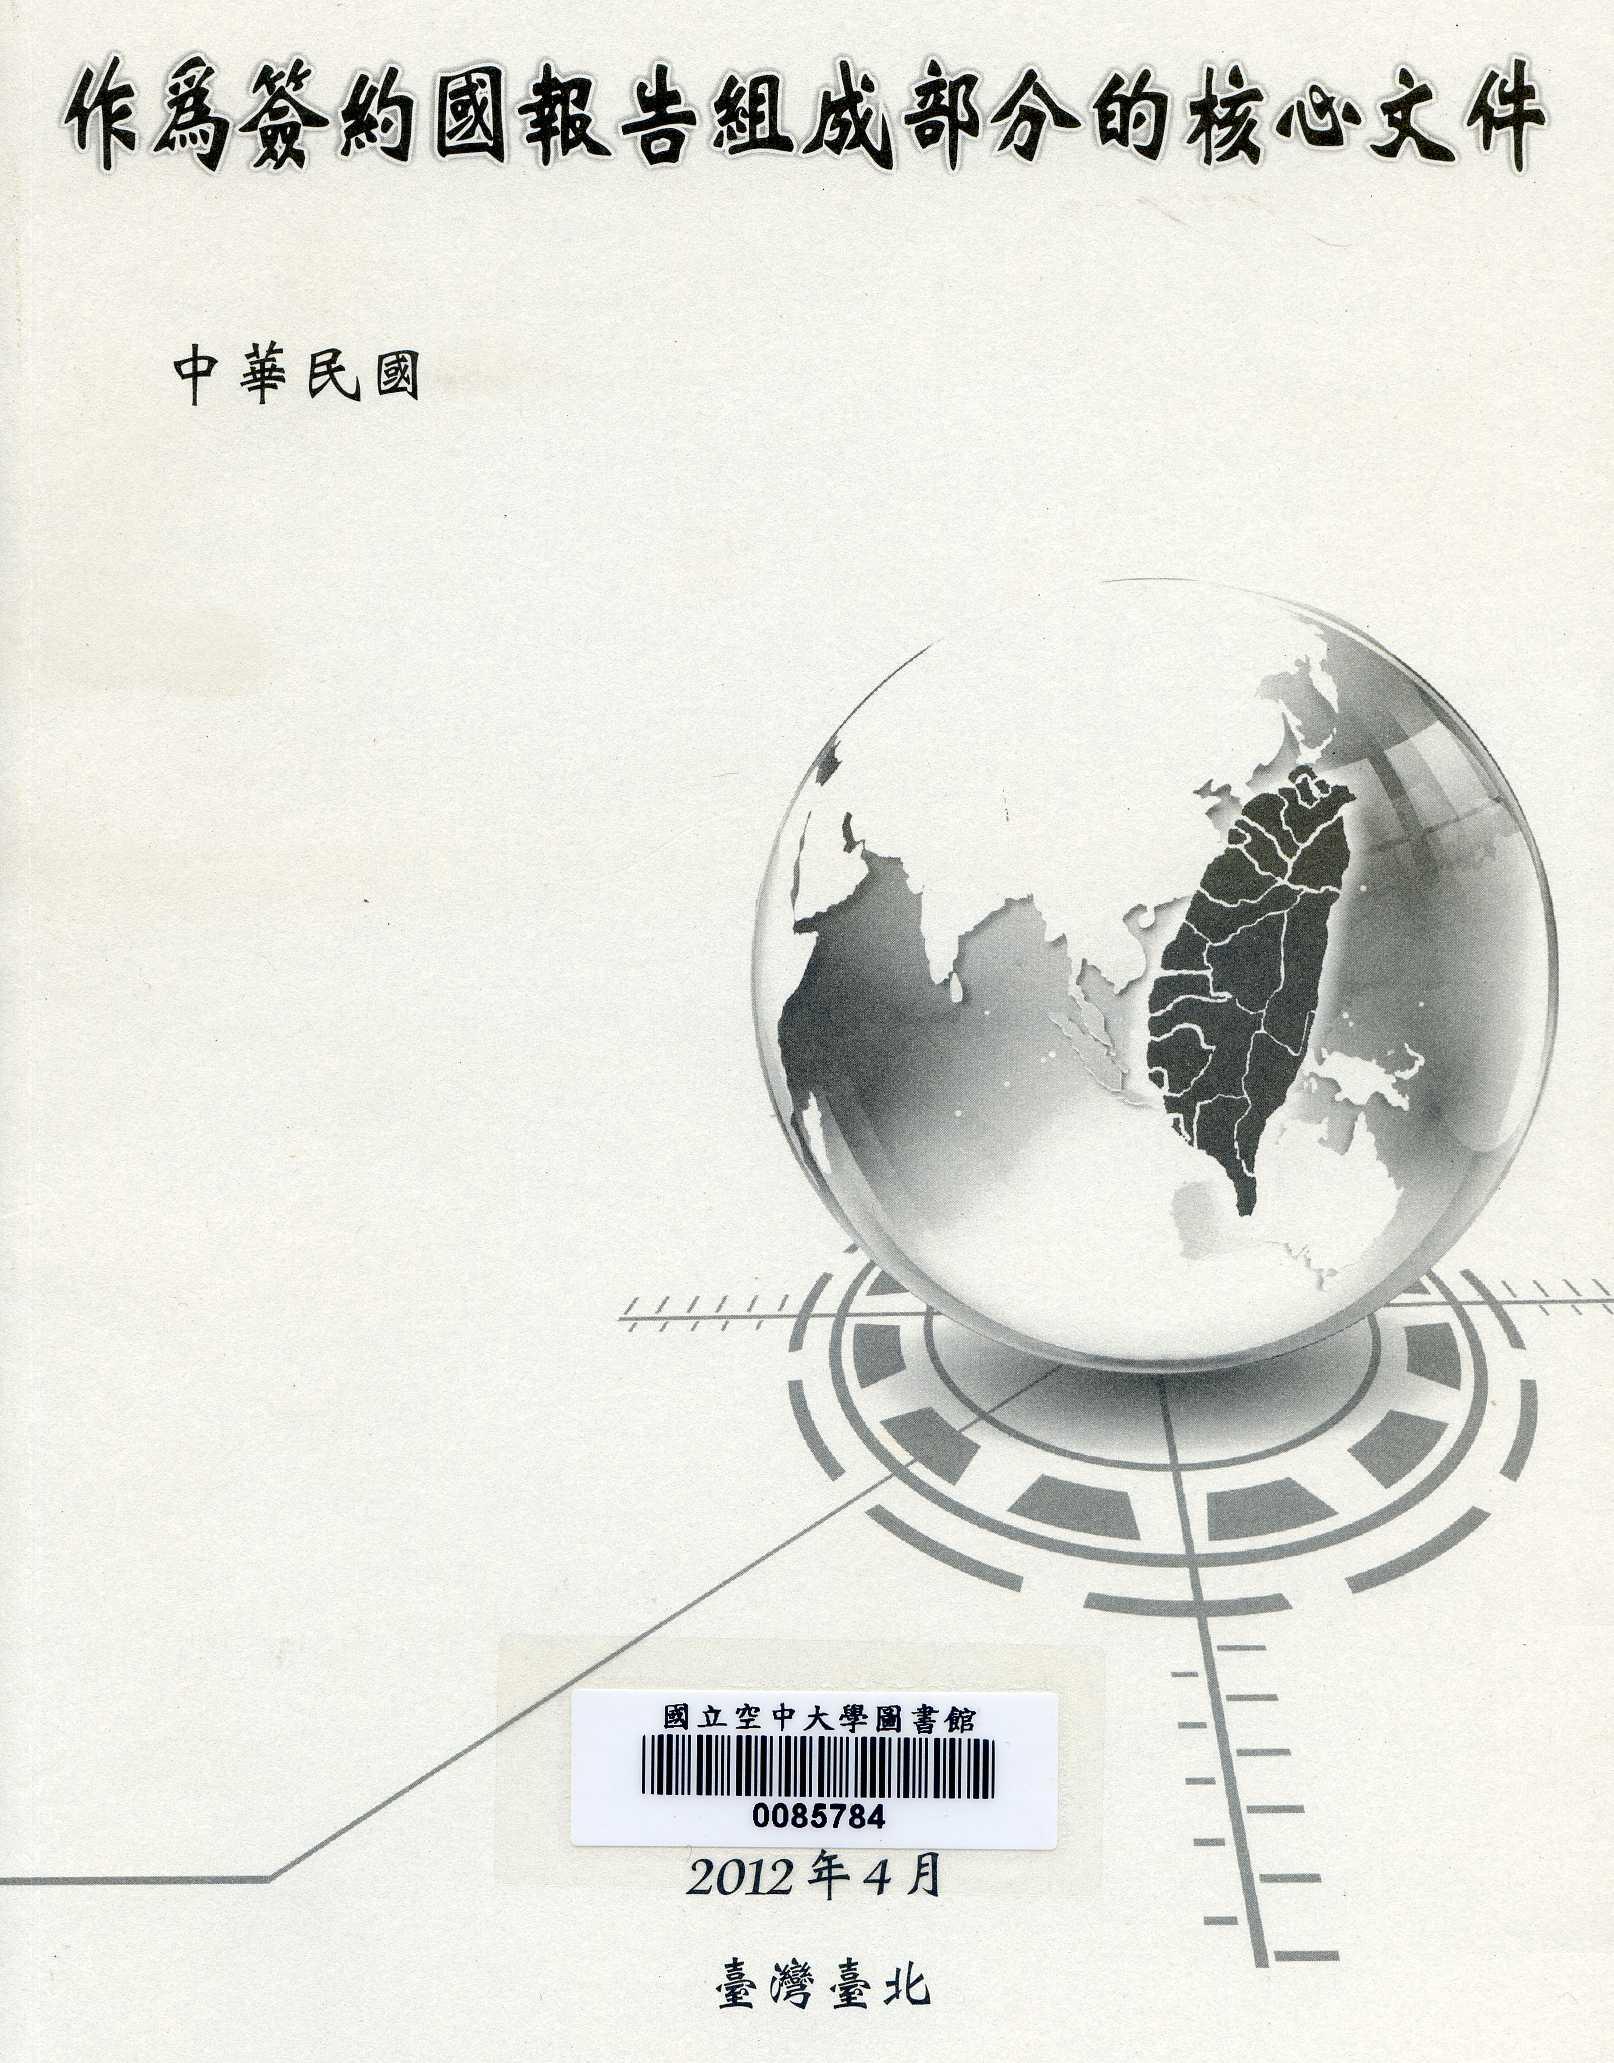 作為簽約國報告組成部分的核心文件 : 中華民國初次報告